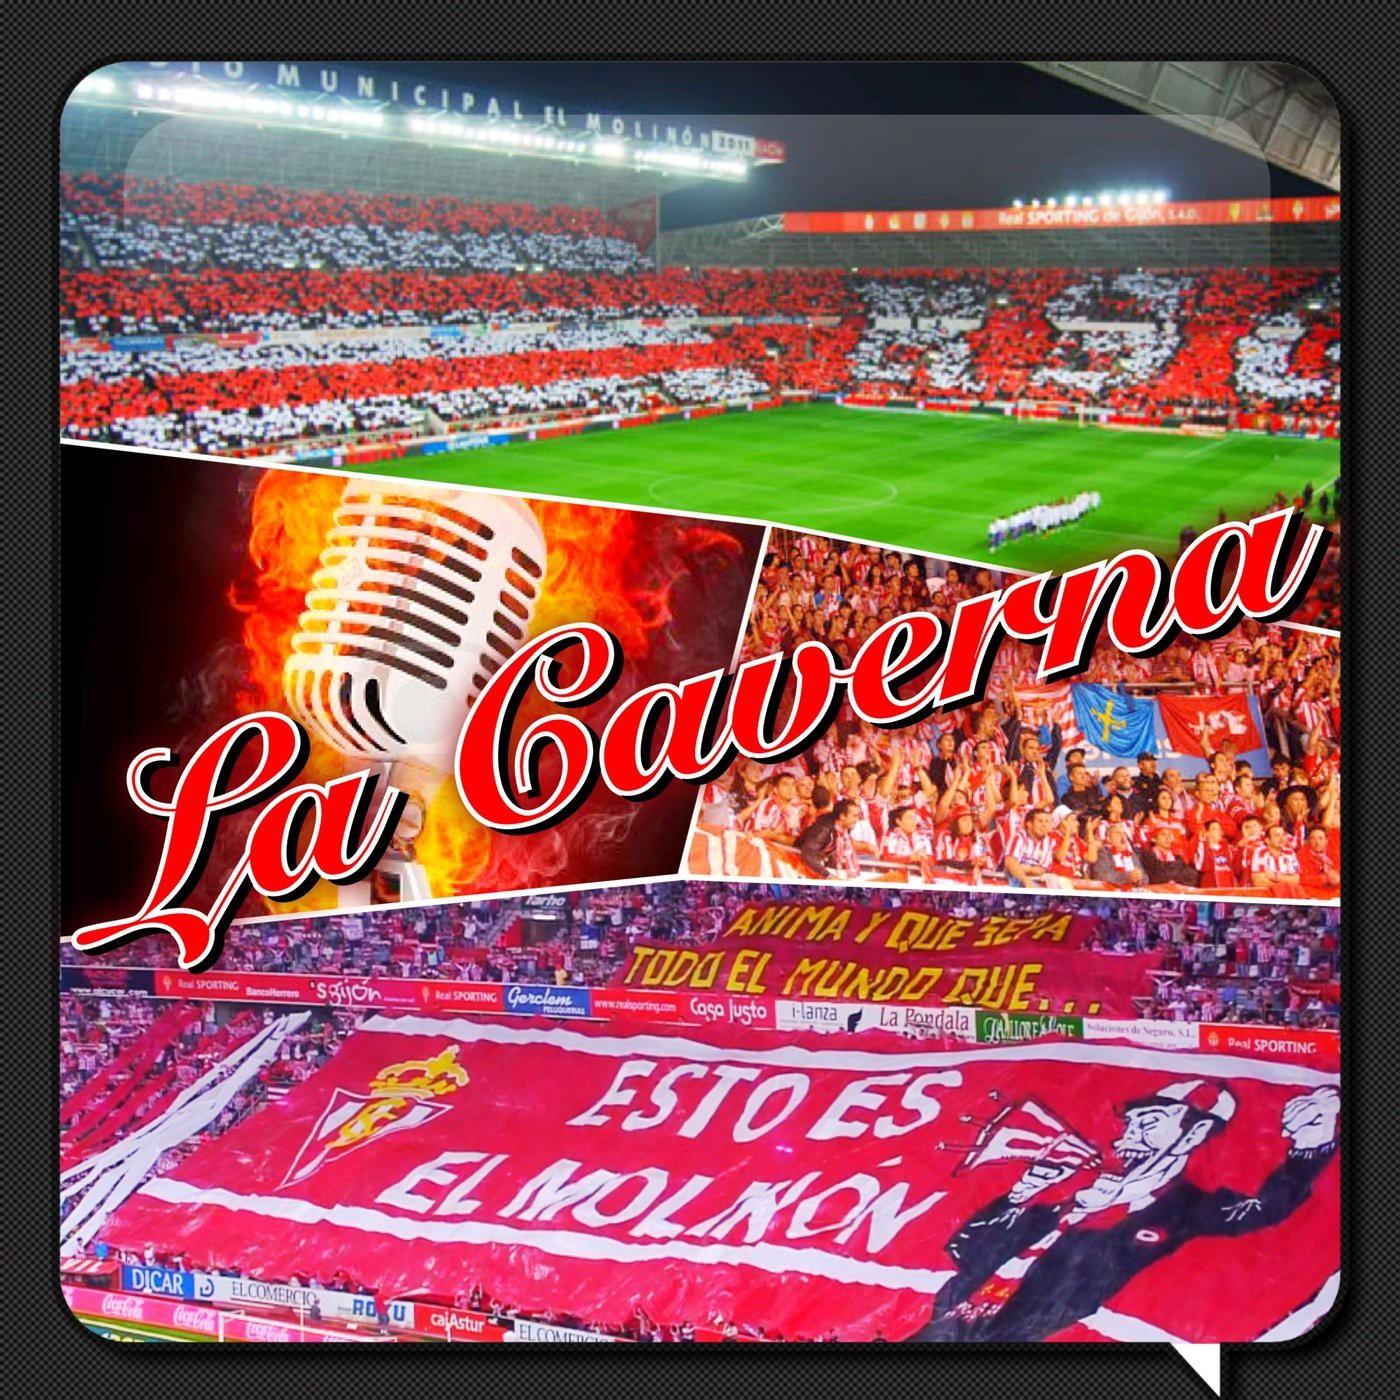 Podcast La Caverna Sportinguista Nº8. 15/01/13